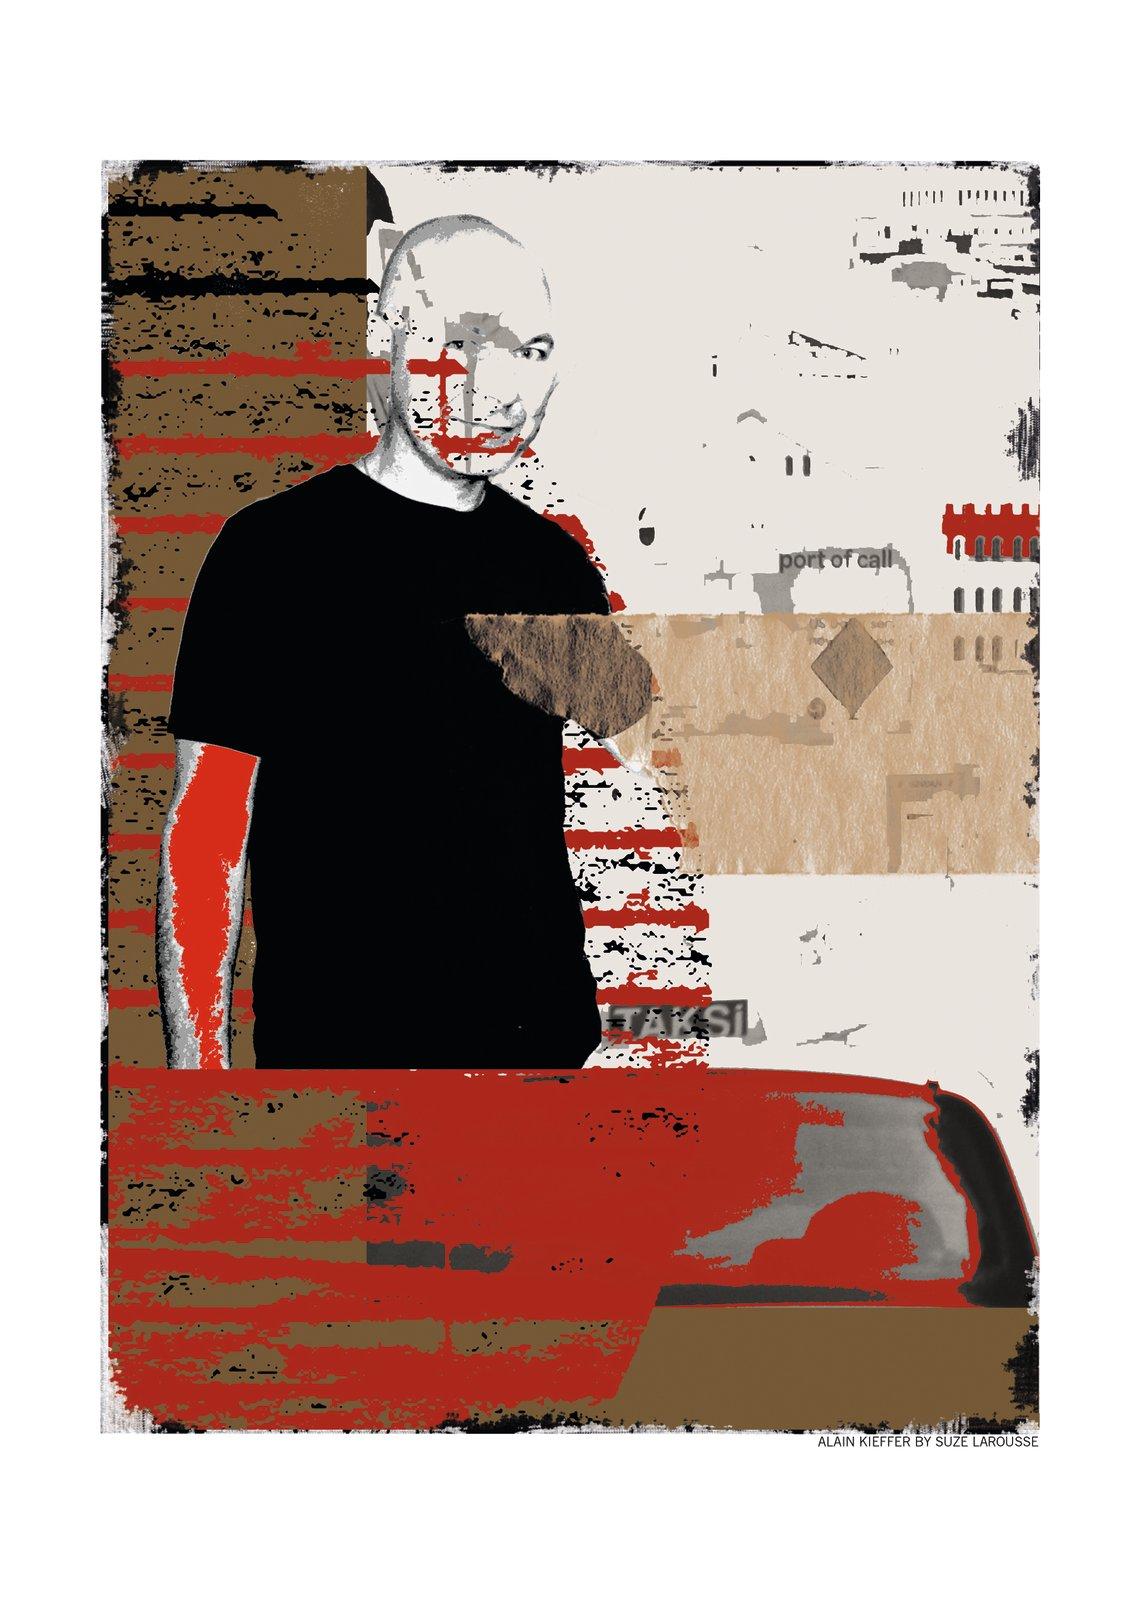 Alain Kieffer Portraits